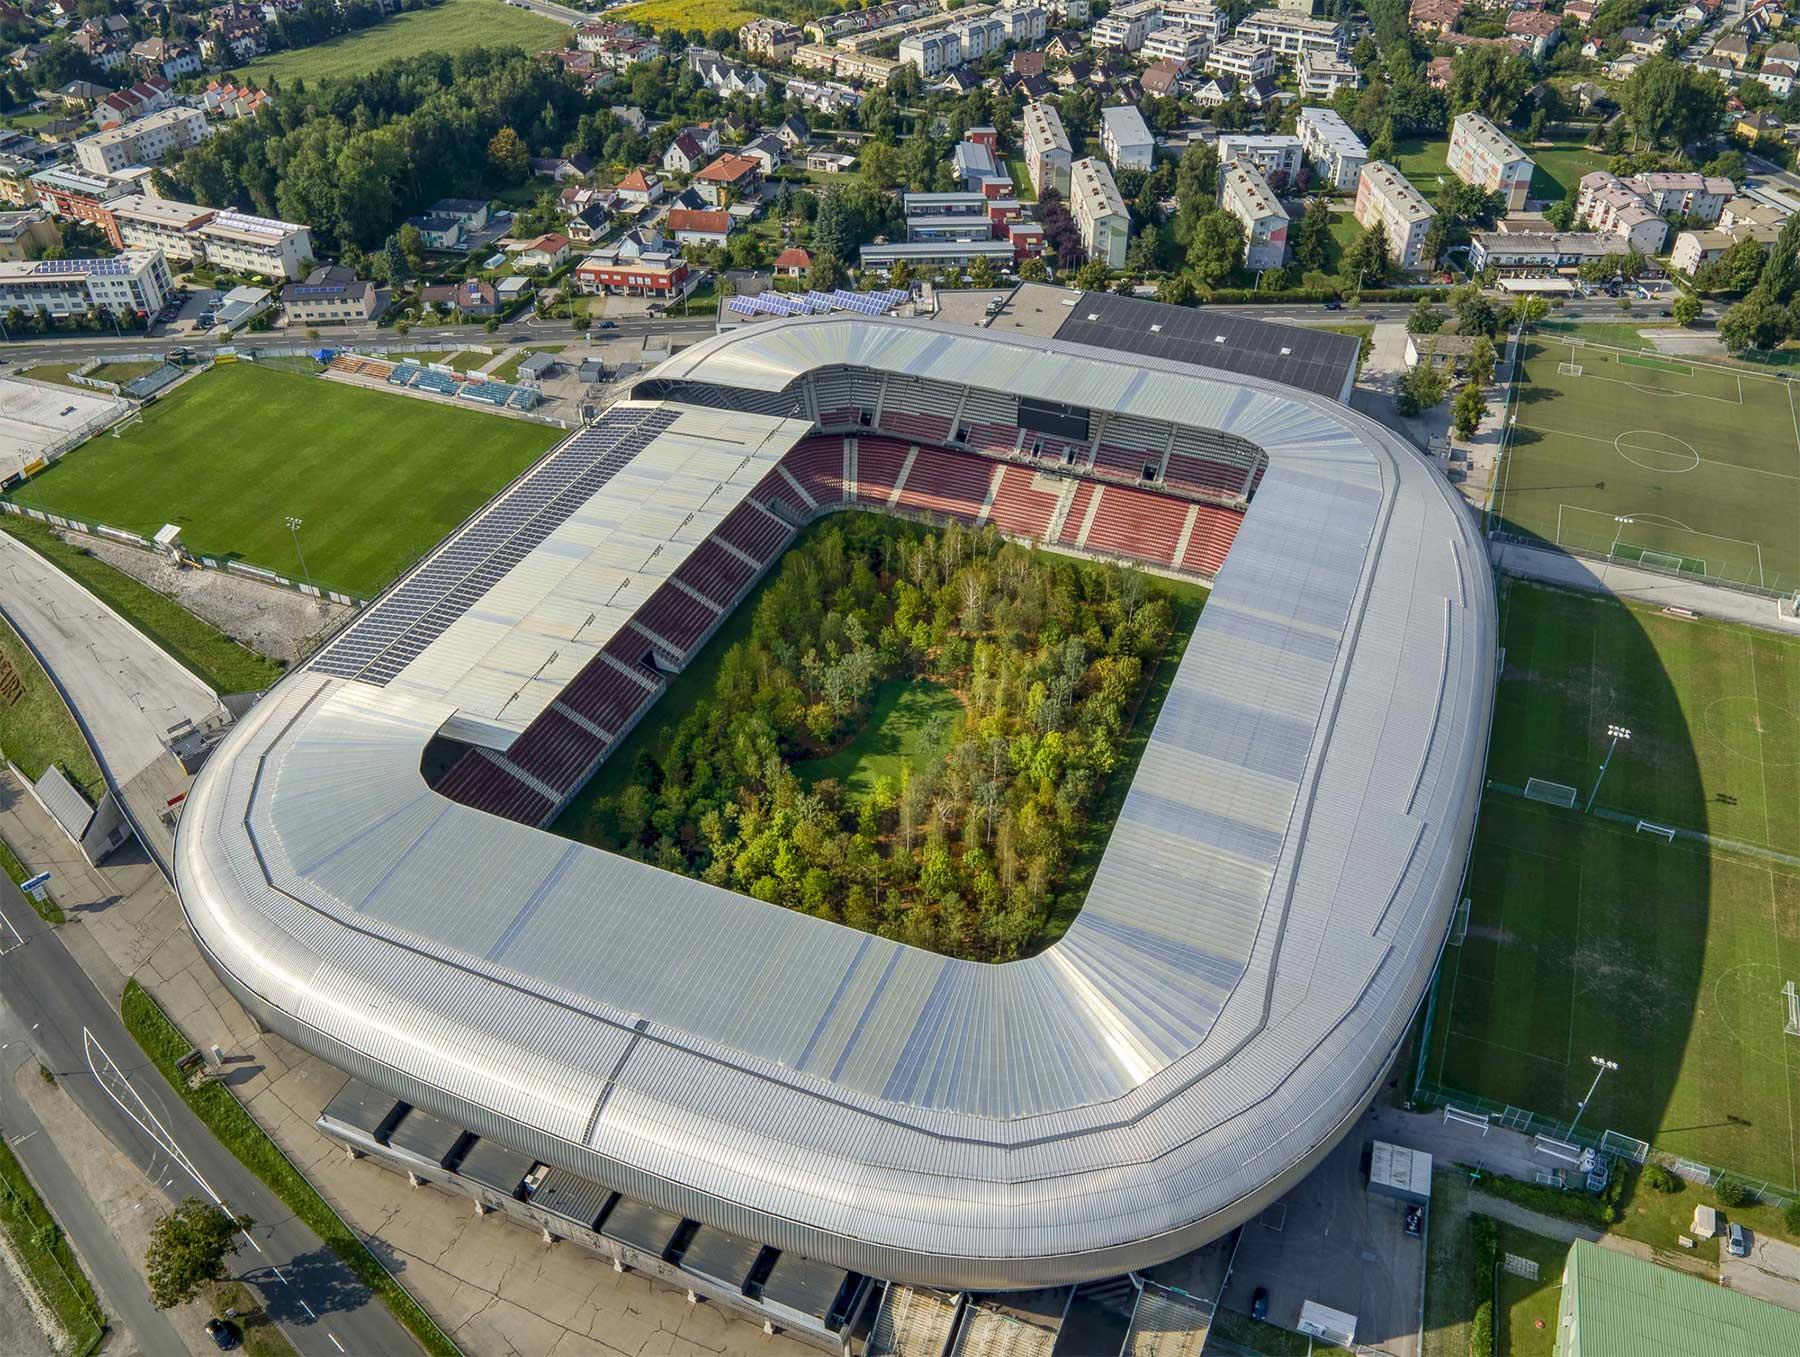 Ein Fußballstadion voller Bäume stadion-voller-baume-mit-wald_04